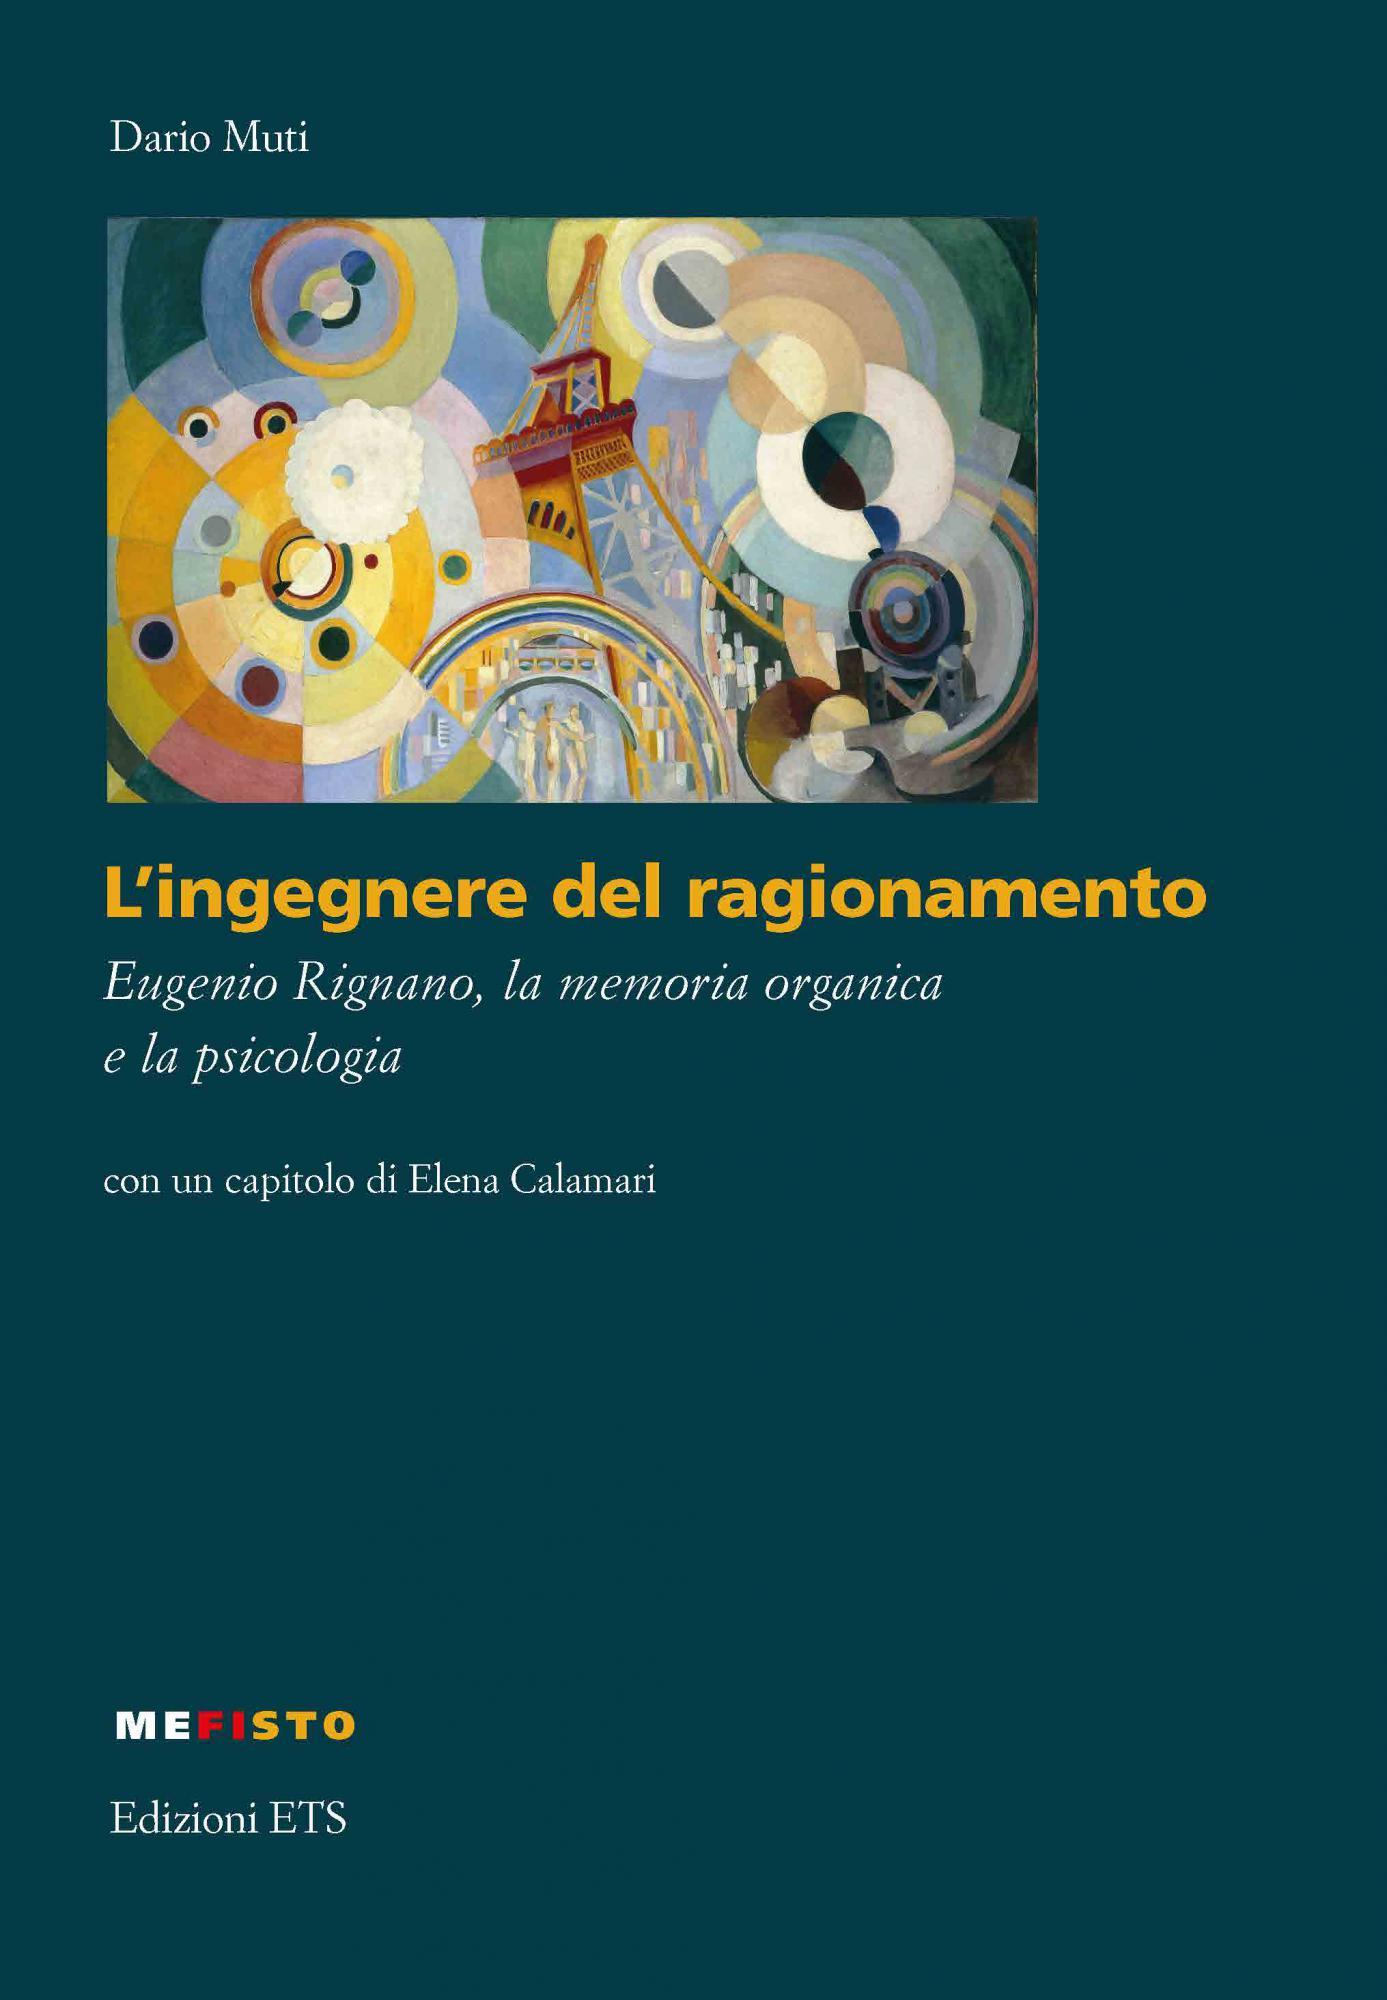 L'ingegnere del ragionamento.Eugenio Rignano, la memoria organica e la psicologia